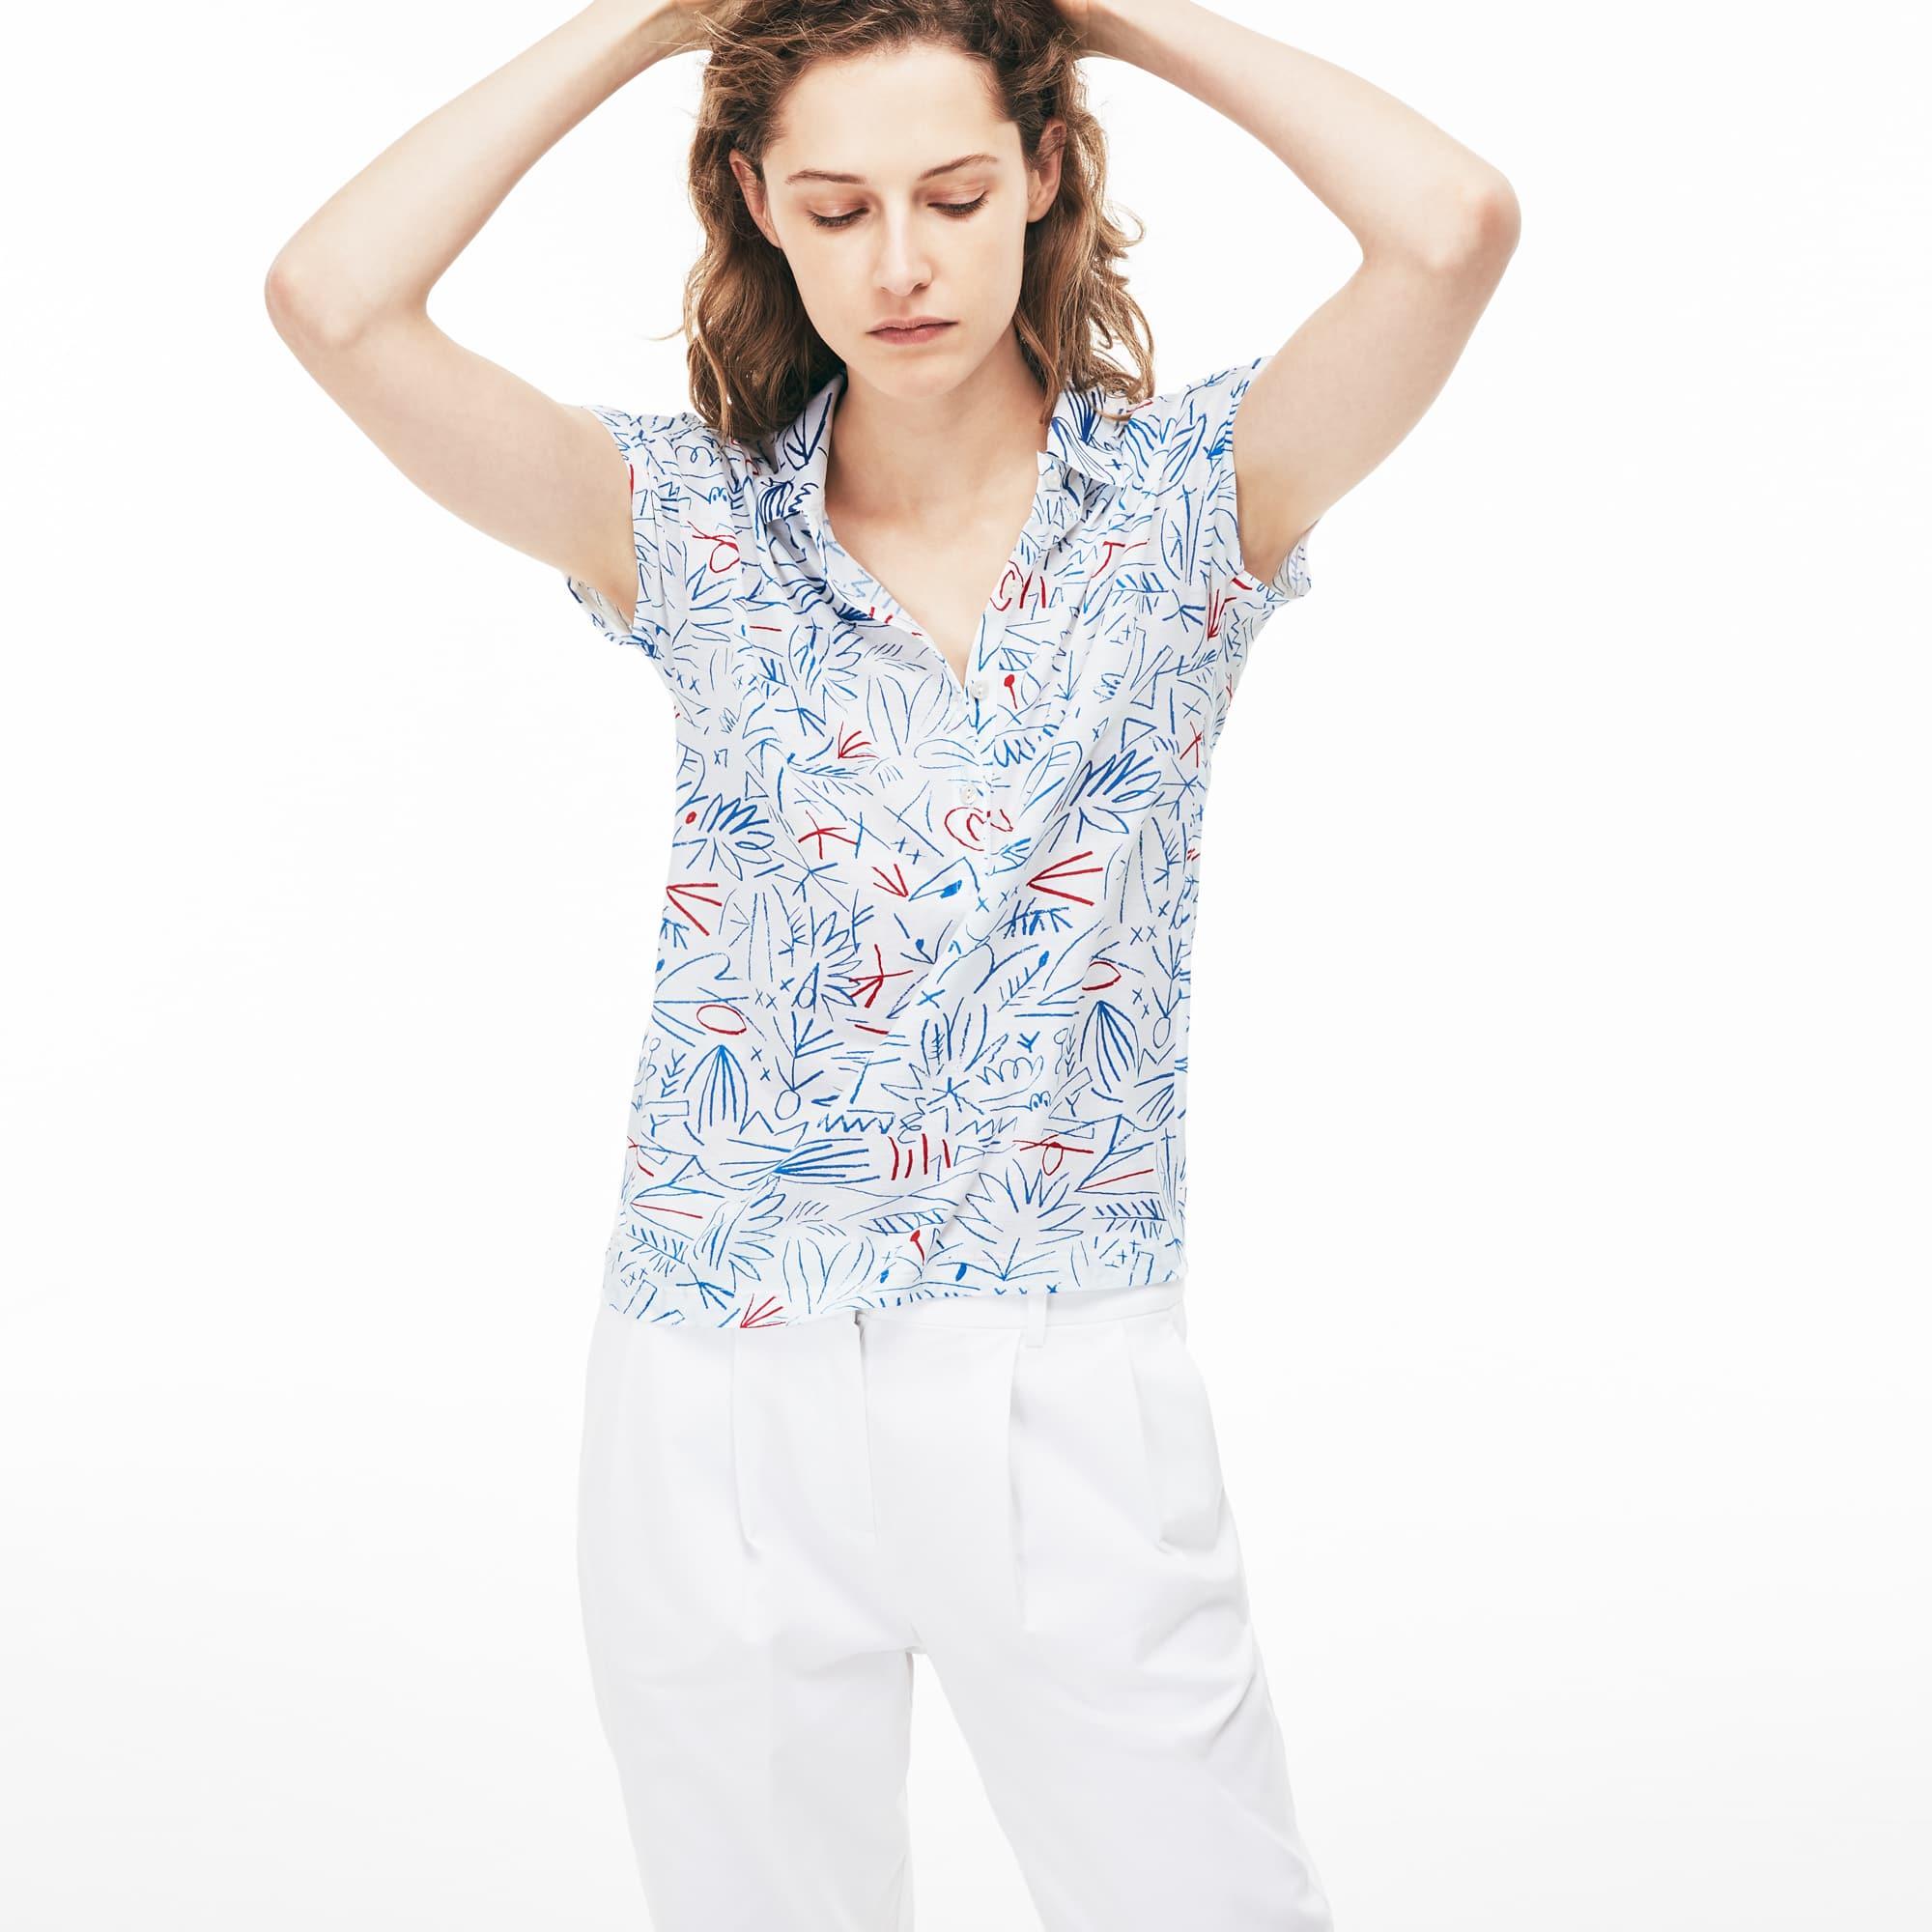 Damen Poloshirt aus Baumwollkrepp mit Aufdruck